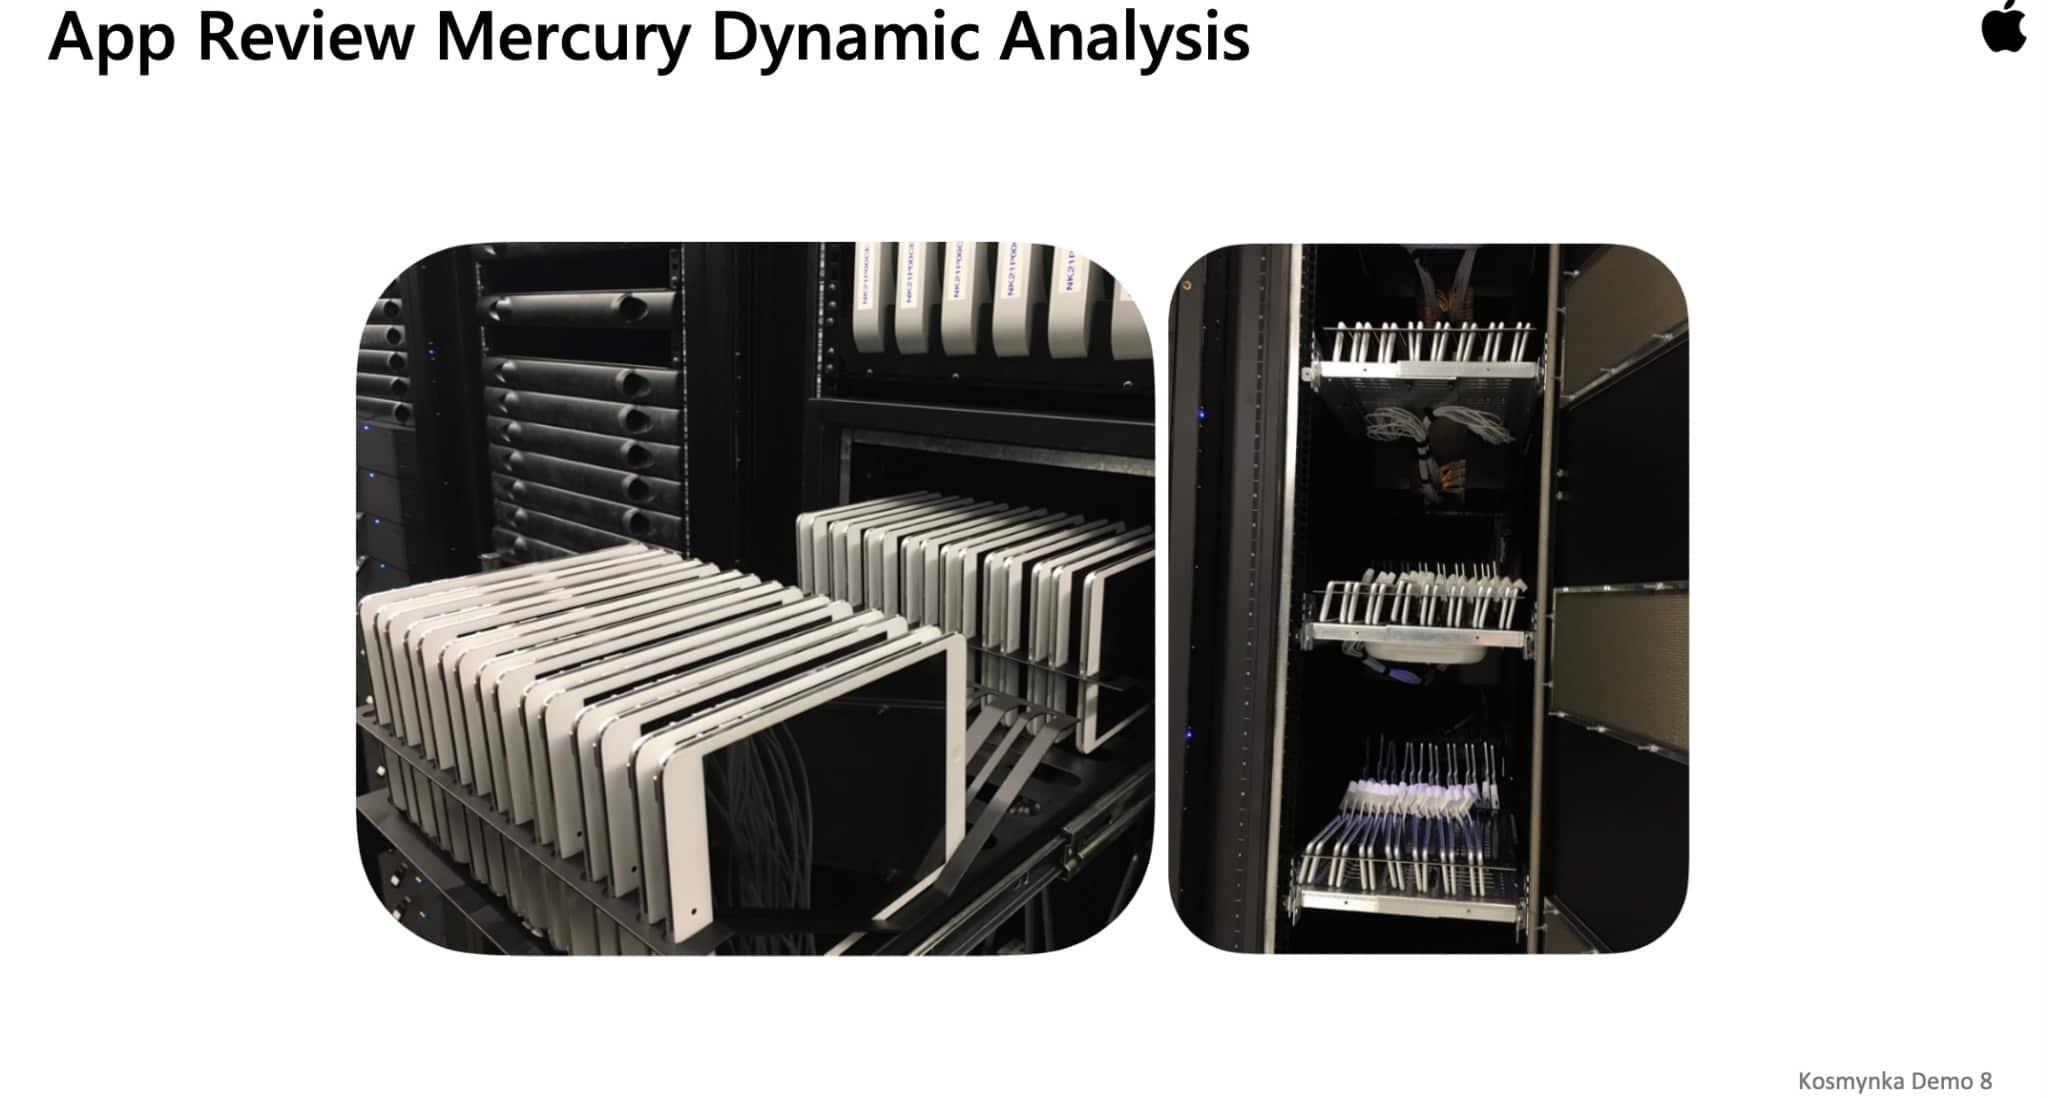 Mercury, ferramenta de análise de aplicativos da App Store